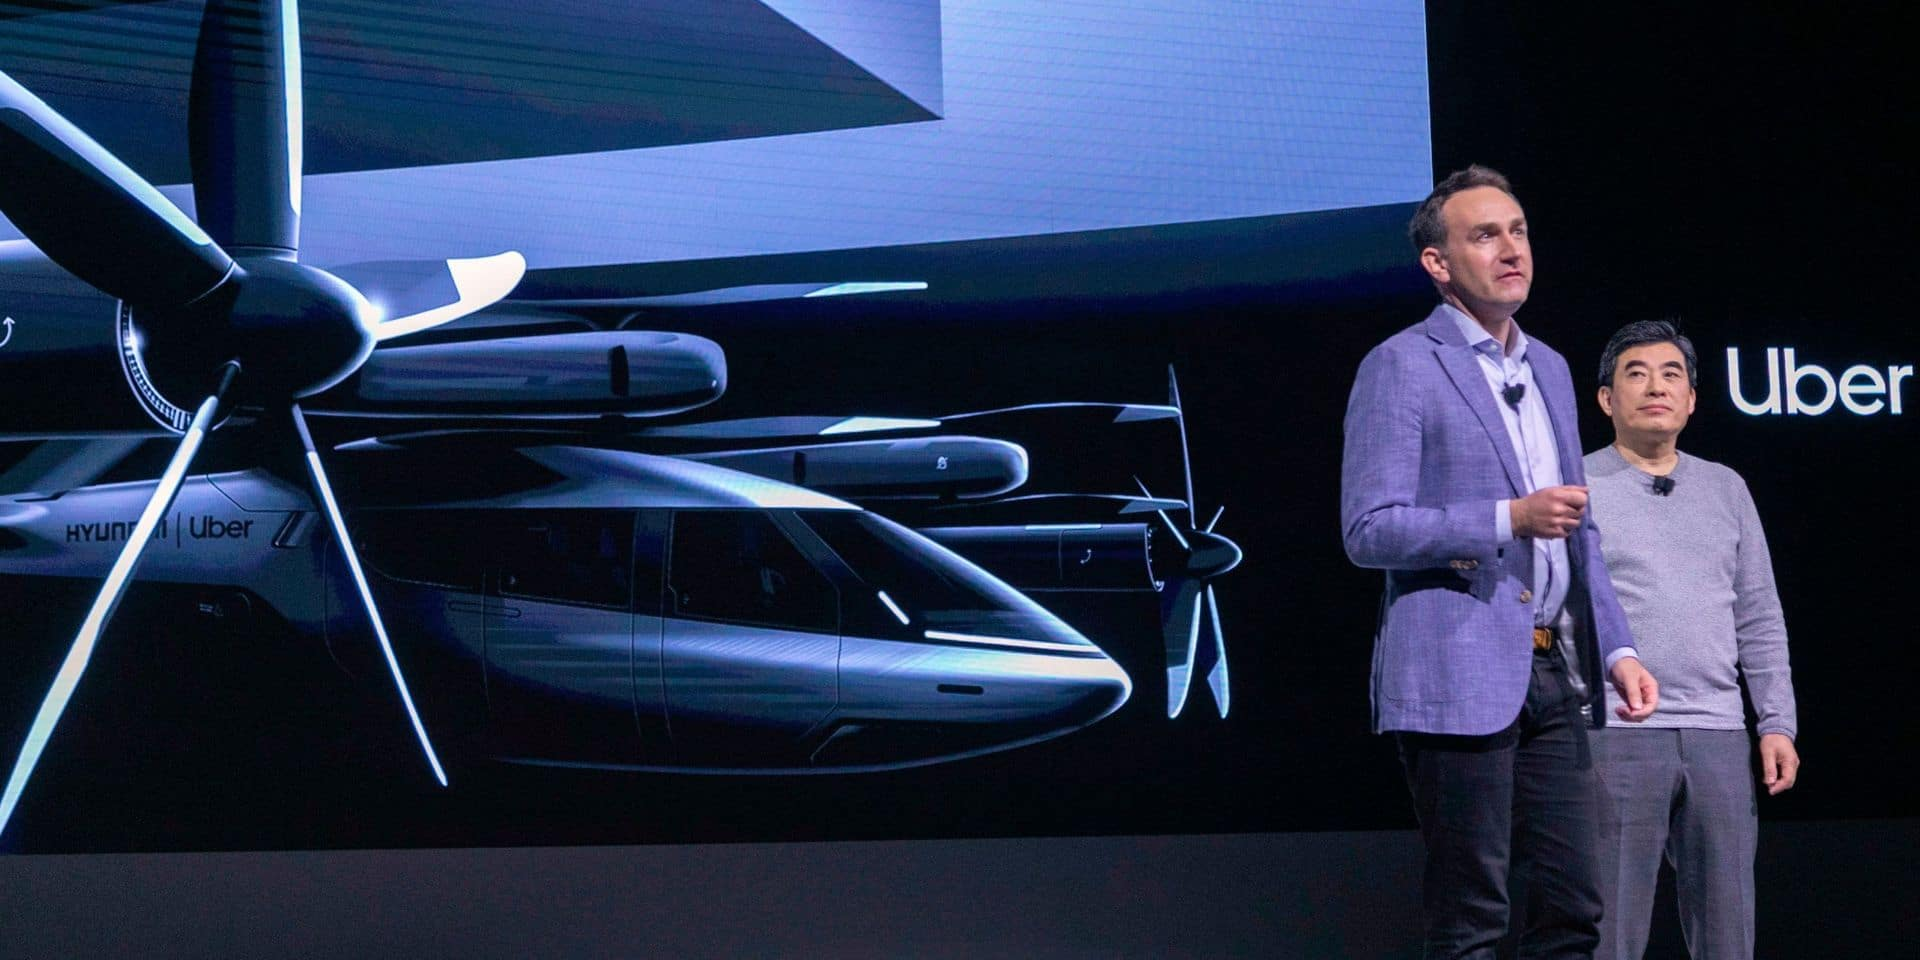 Des taxis volants pour Uber, la folle idée de Hyundai